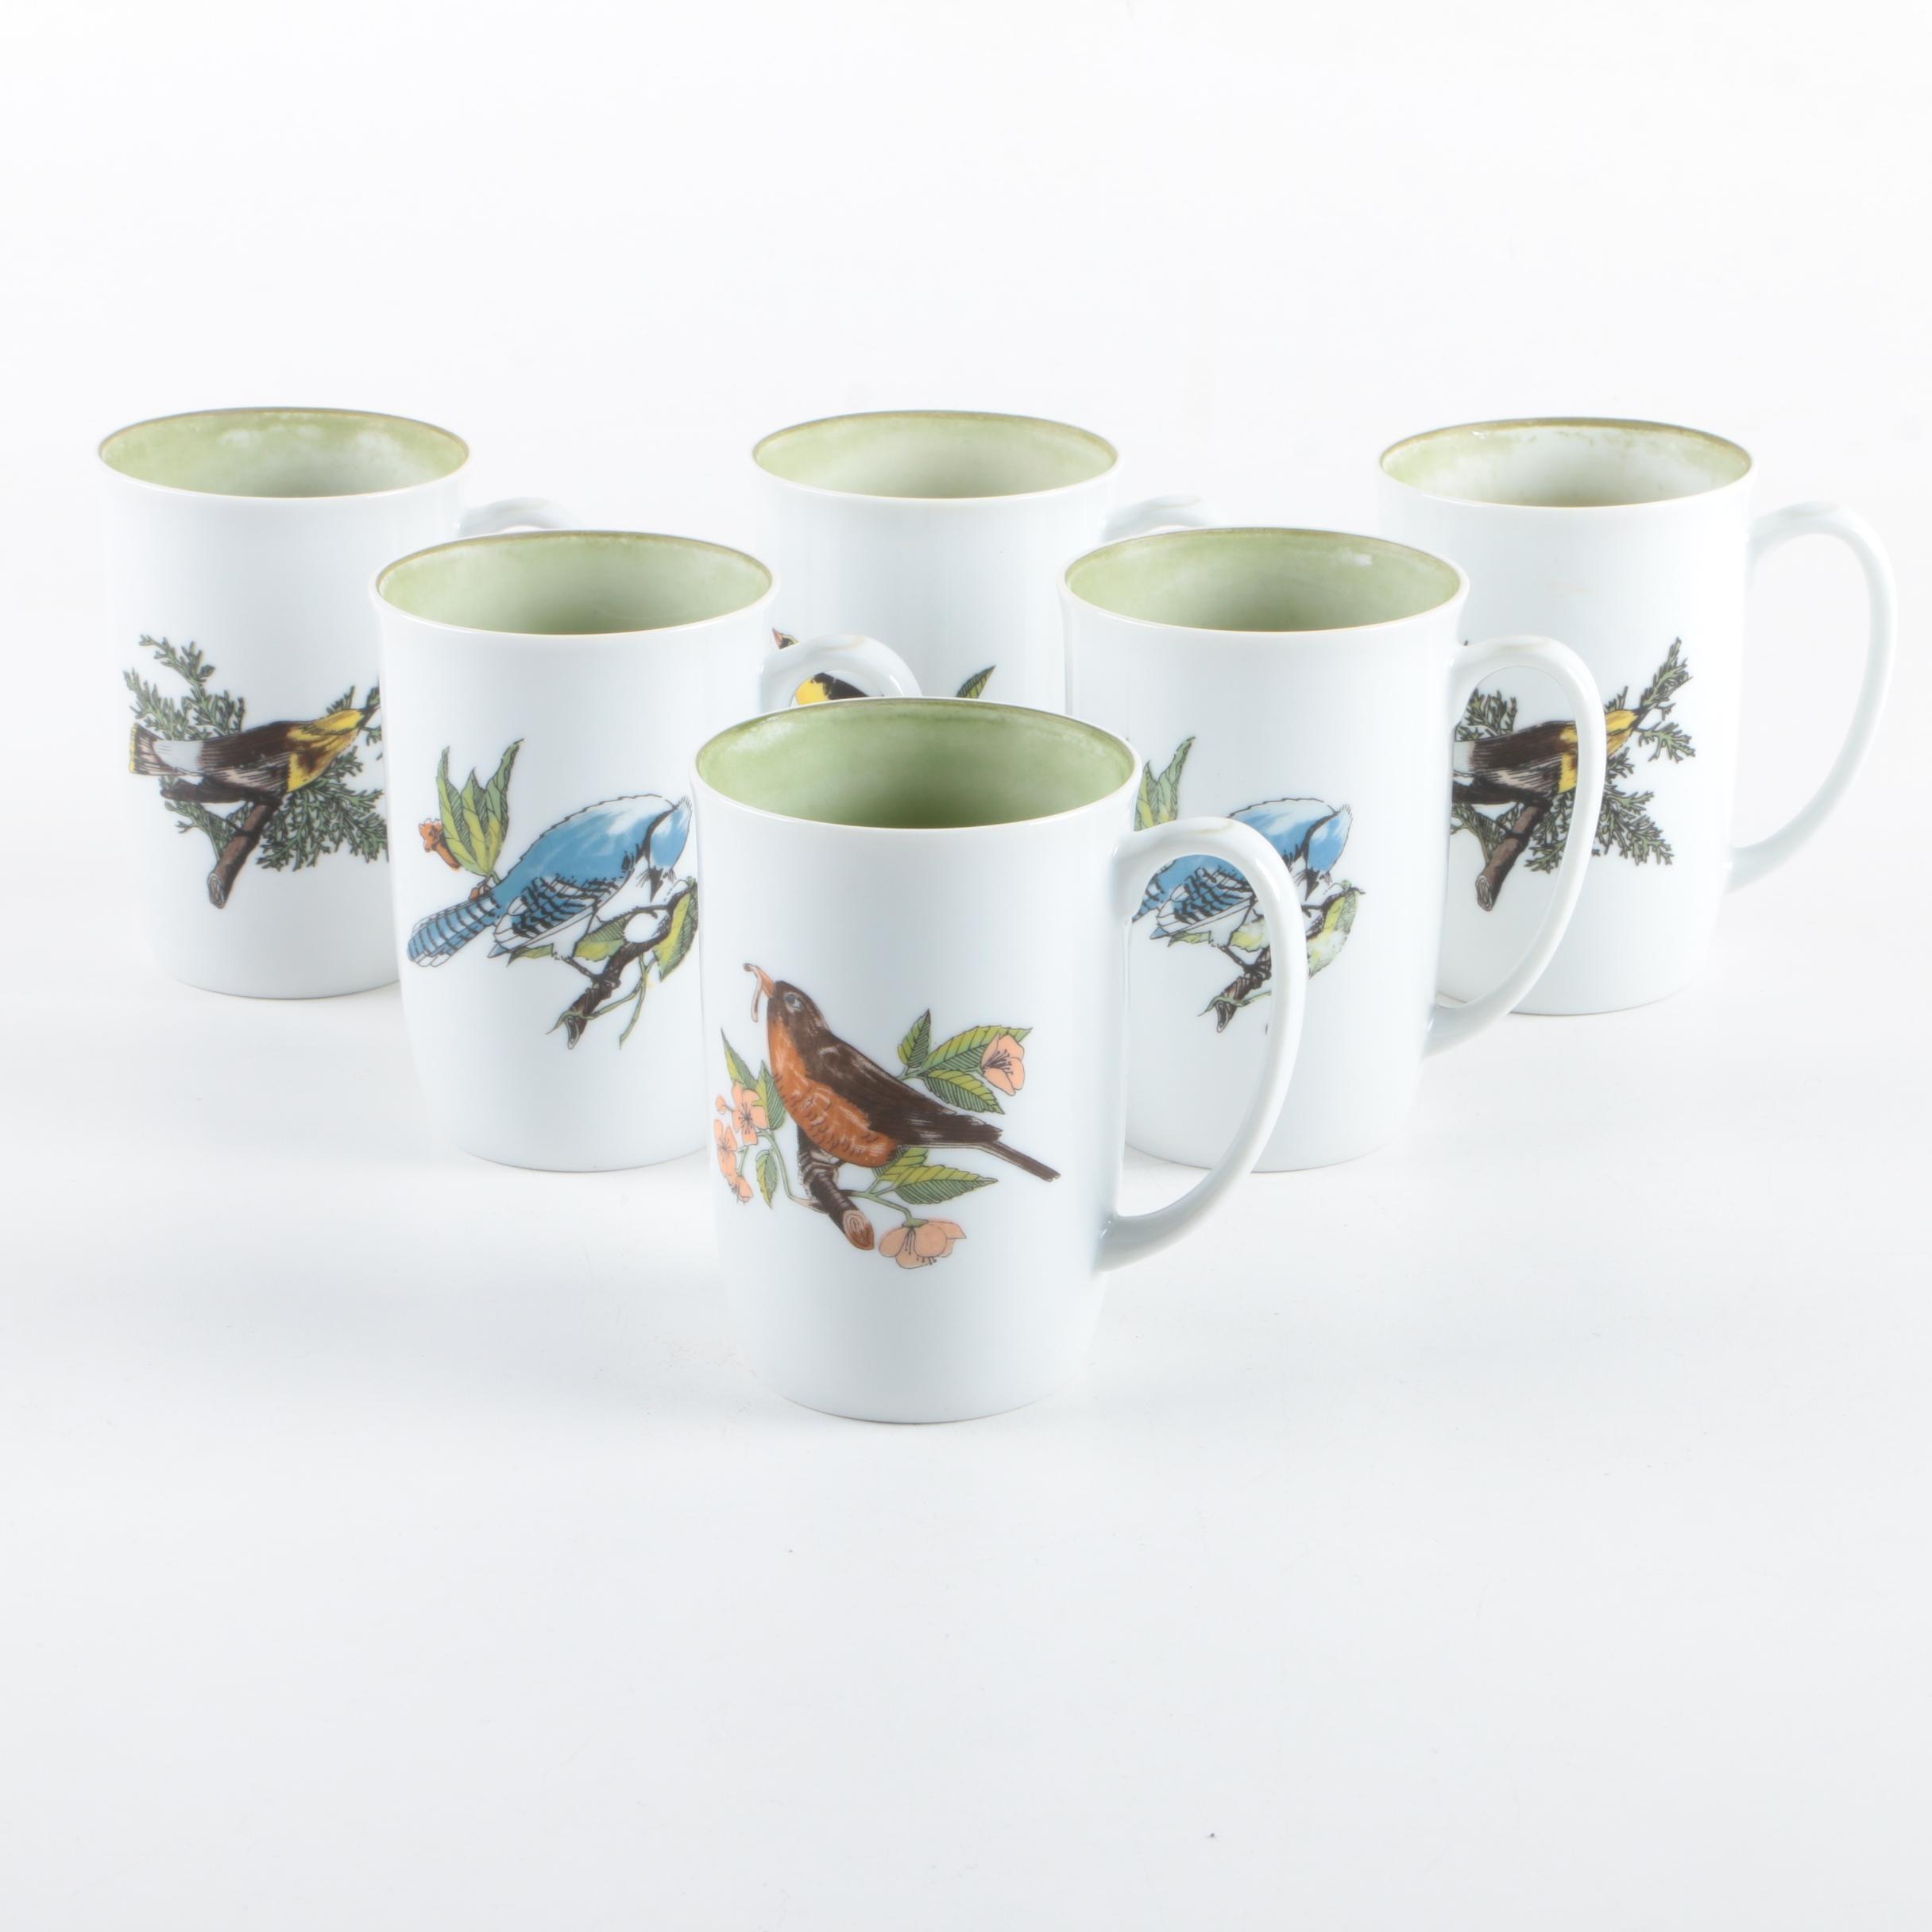 Neiman Marcus Ceramic Mugs